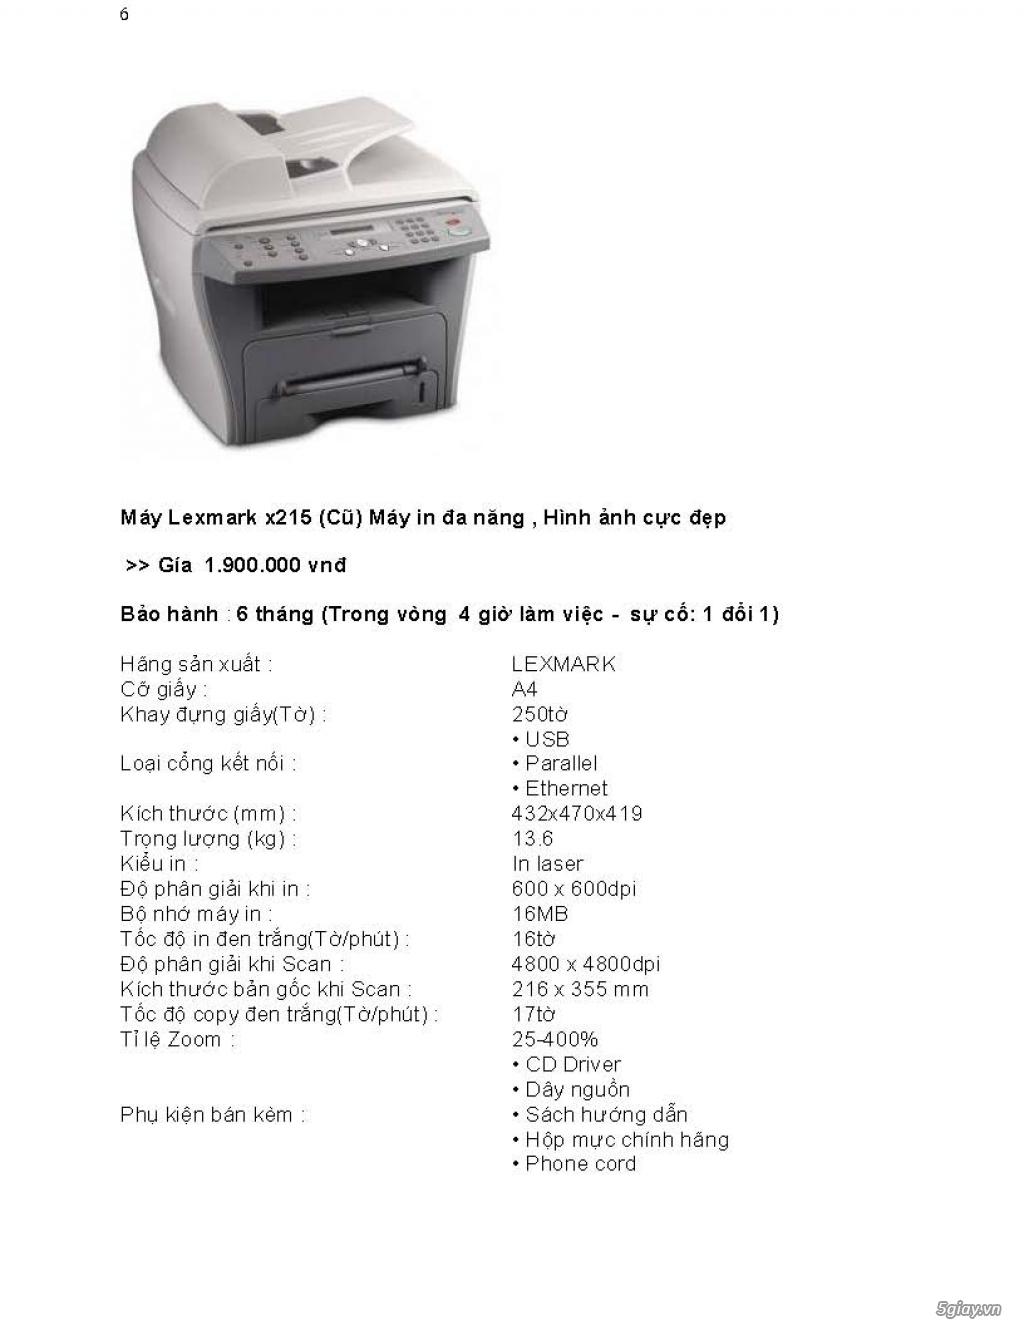 Sửa chữa Bộ Đàm,Máy Fax,Tổng Đài - 17